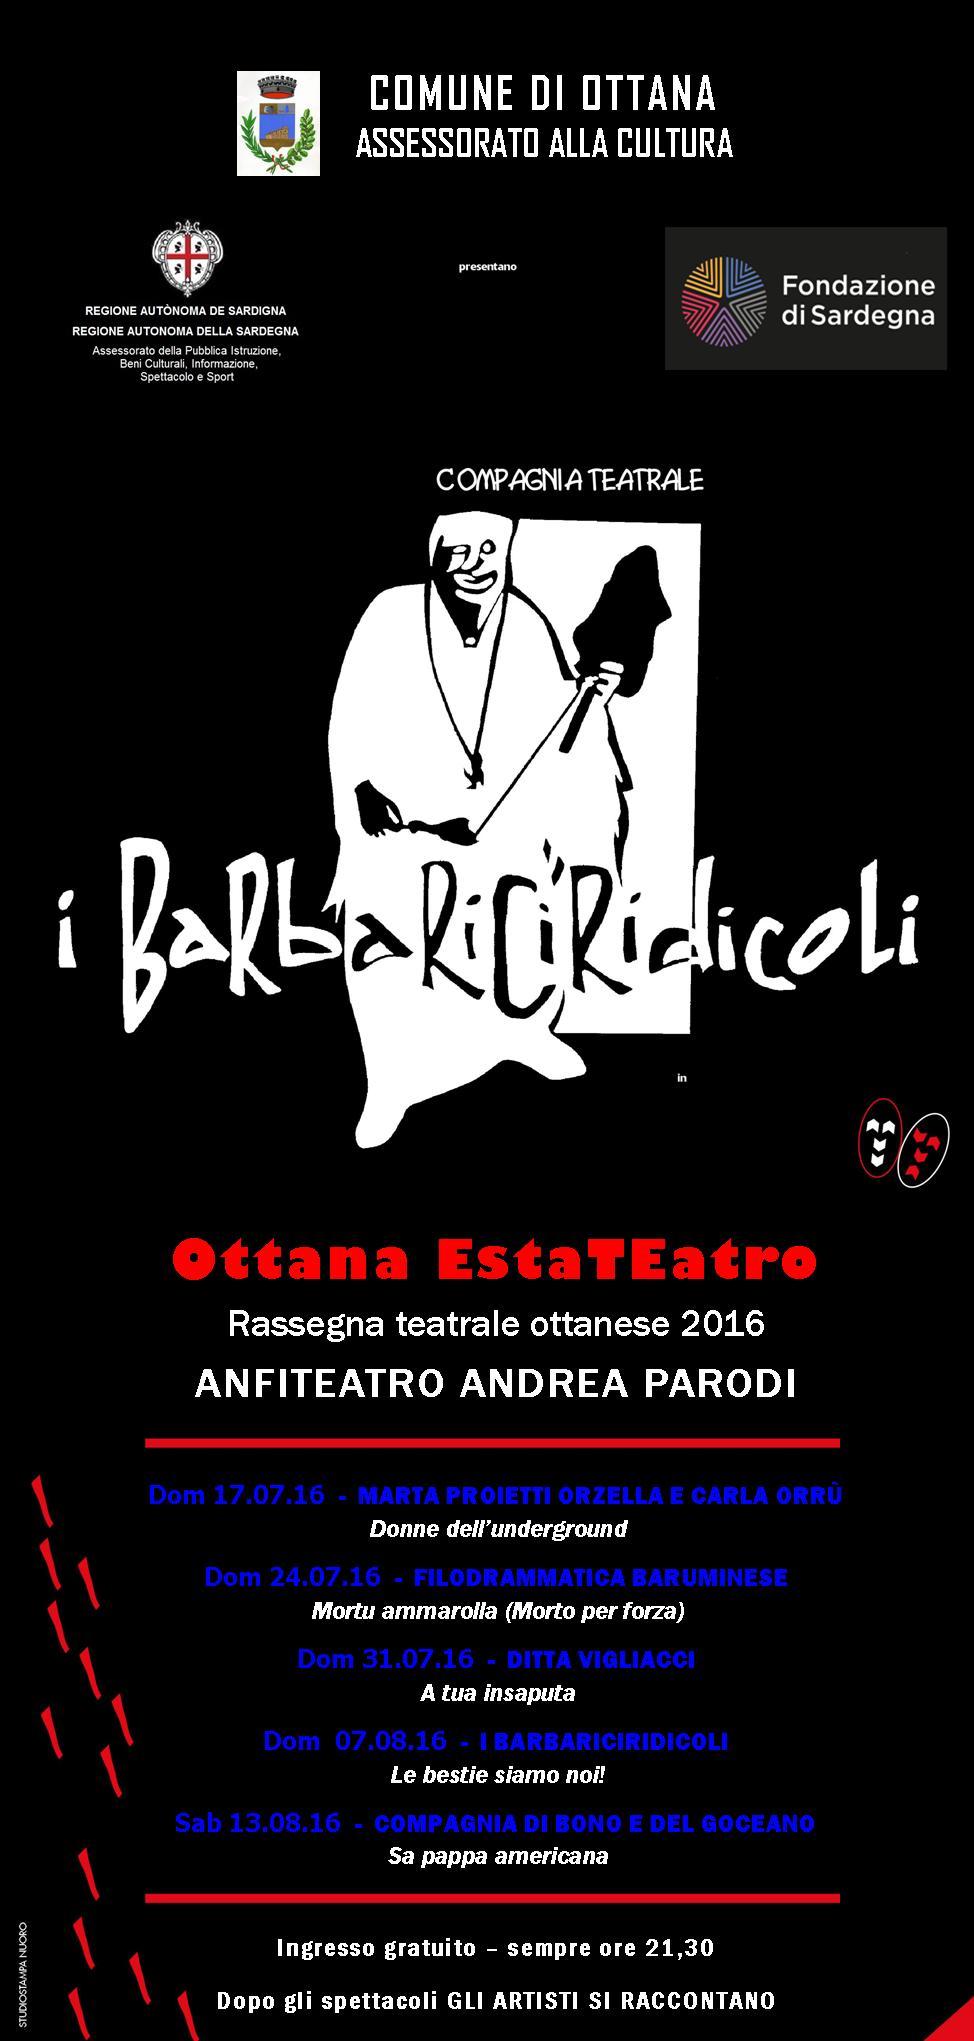 thumb EstaTeatro - Rassegna teatrale ottanese 2016